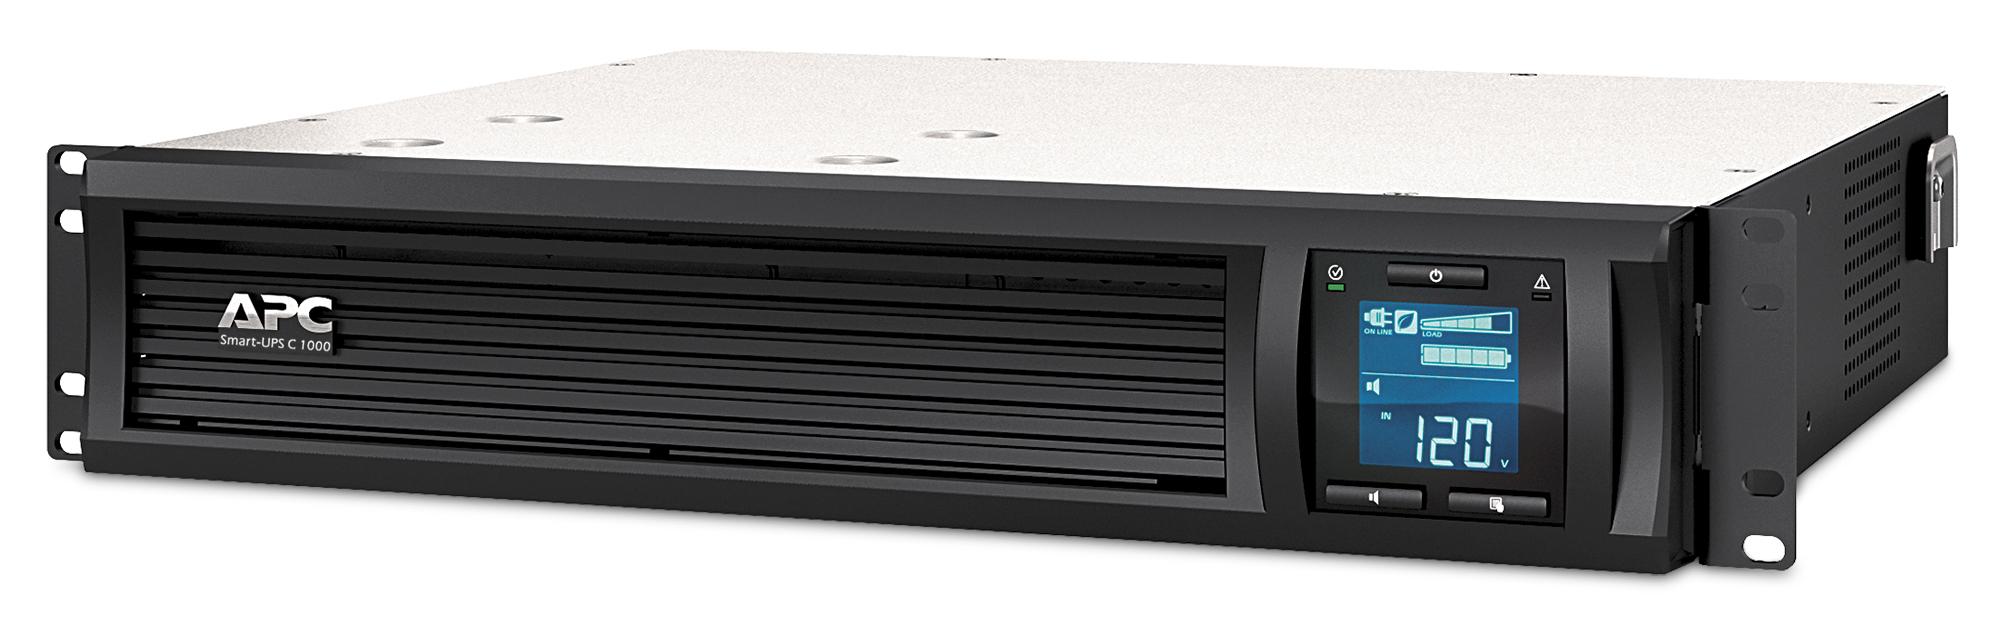 APC SMC1000I-2UC sistema de alimentación ininterrumpida (UPS) Línea interactiva 1000 VA 600 W 4 salidas AC